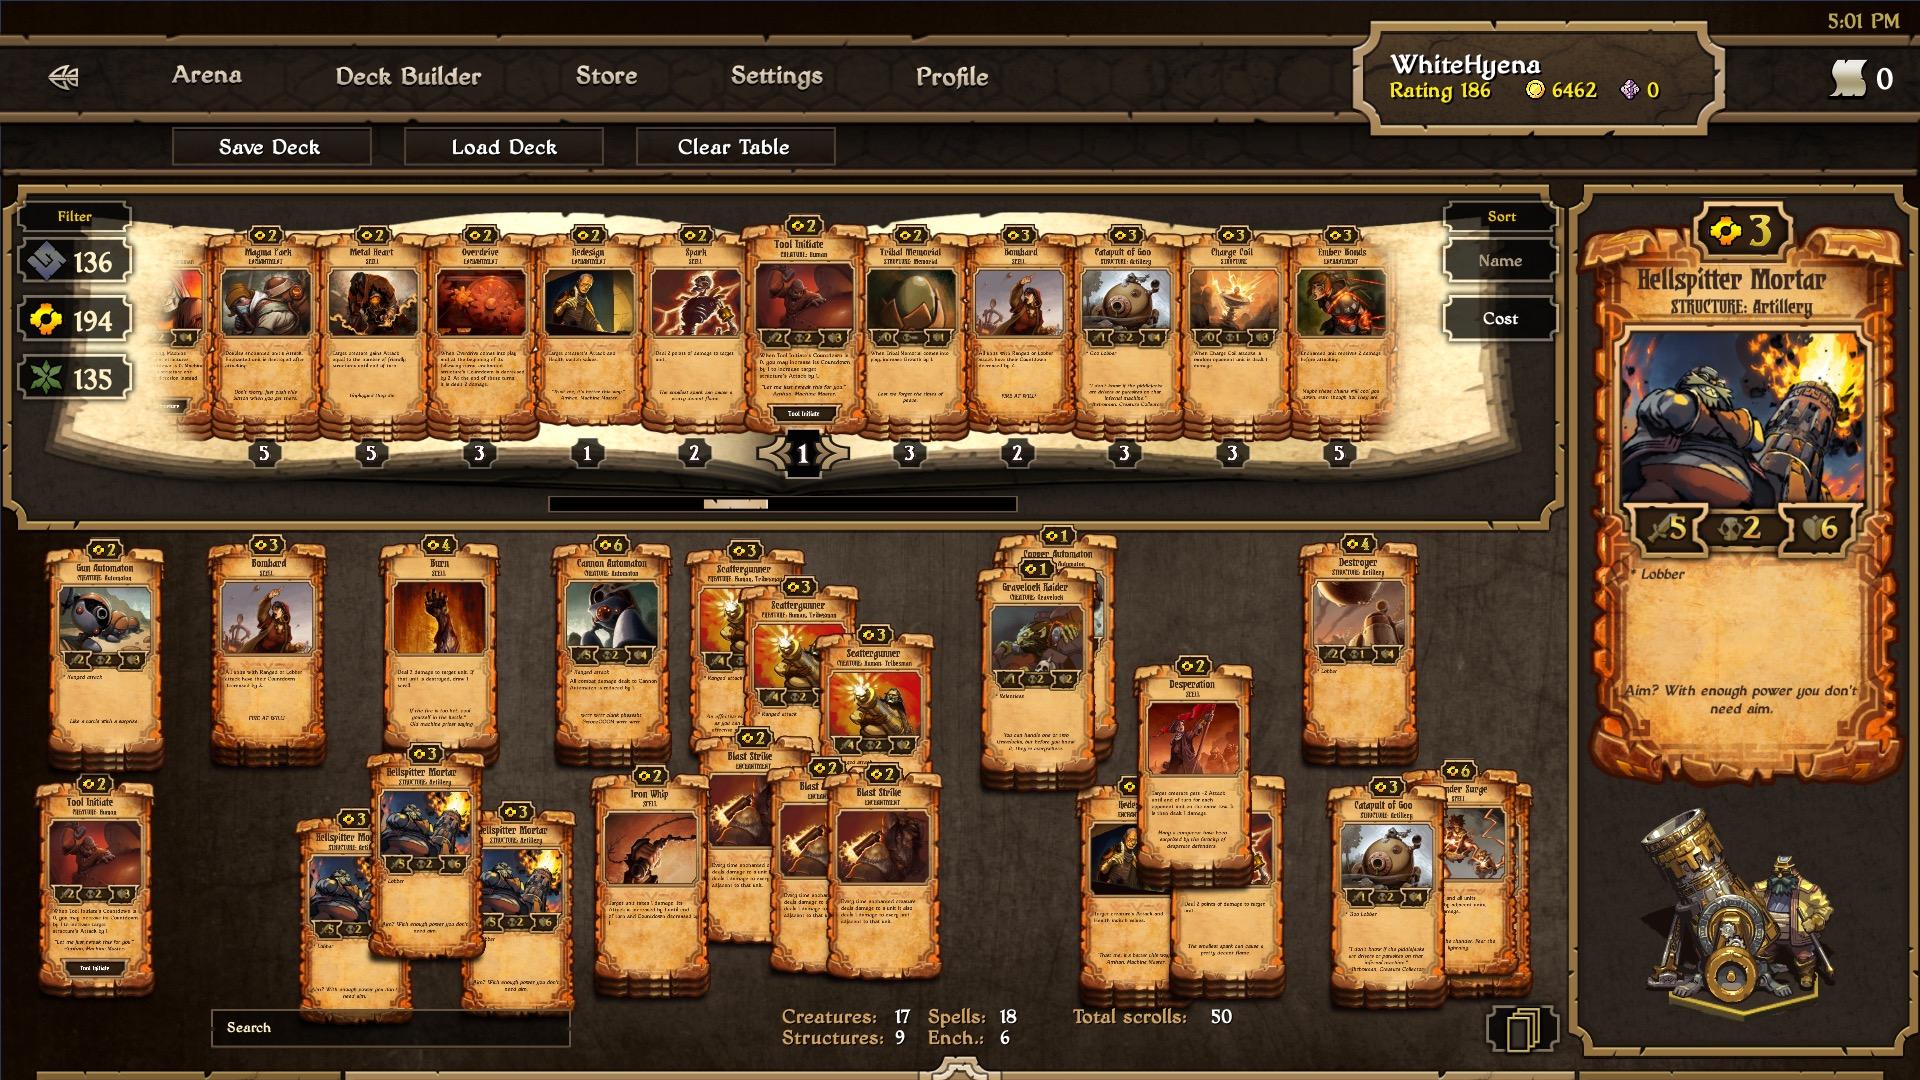 scrolls_screenshot_deck_-building-1